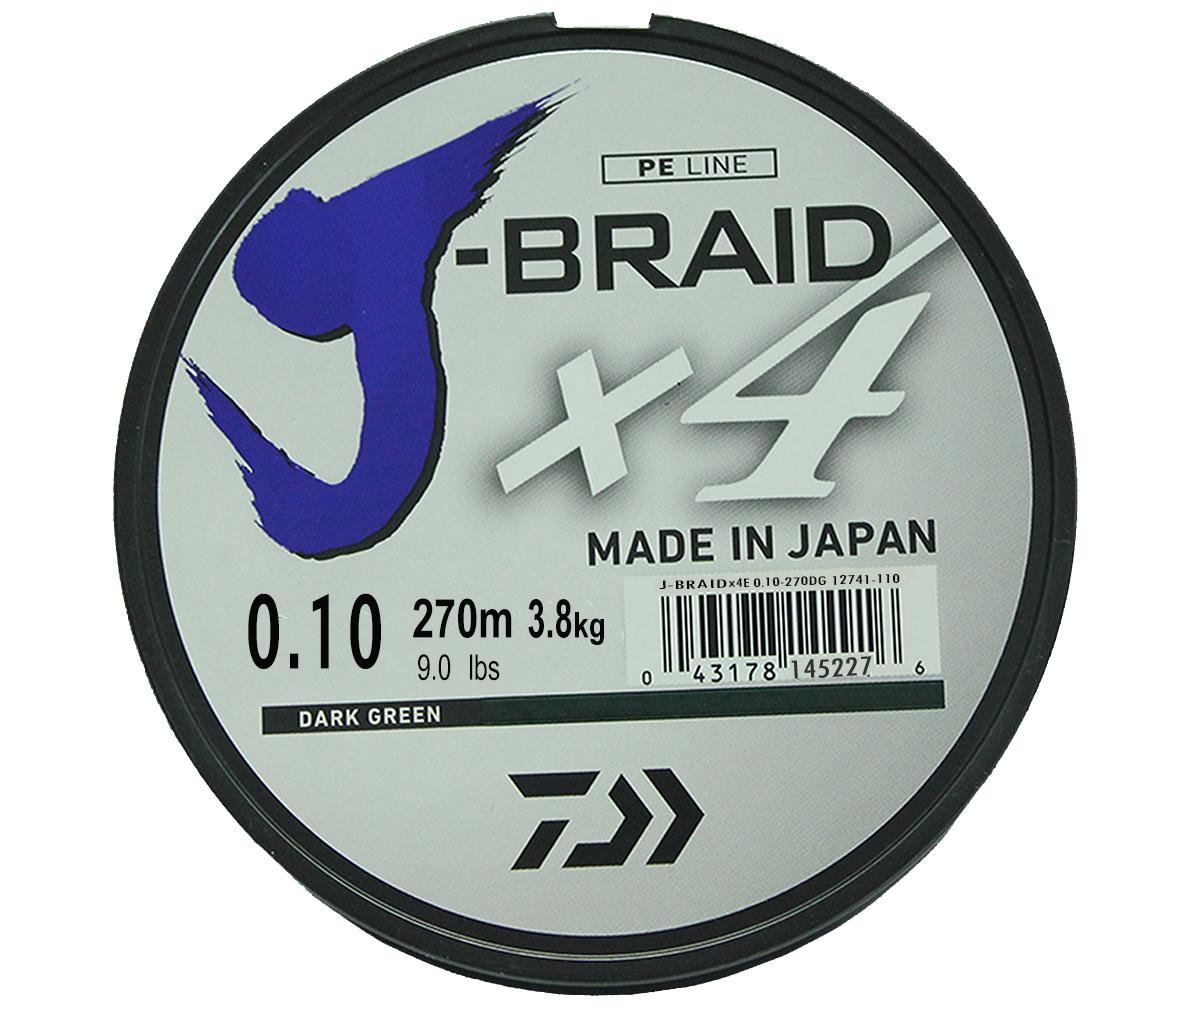 Шнур плетеный Daiwa J-Braid X4, цвет: зеленый, 270 м, 0,10 мм4271842Новый 4х жильный шнур J-Braid, DAIWA - шнур высокого класса с удивительным соотношением цены и качества. Качество плетения полностьюсоответствует японским стандартам и удовлетворяет всем требованиям. Представленные диаметры позволяют использовать шнур для всех техникловли, начиная от ultra- light ловли окуня, до морской ловли палтуса, трески и т.д